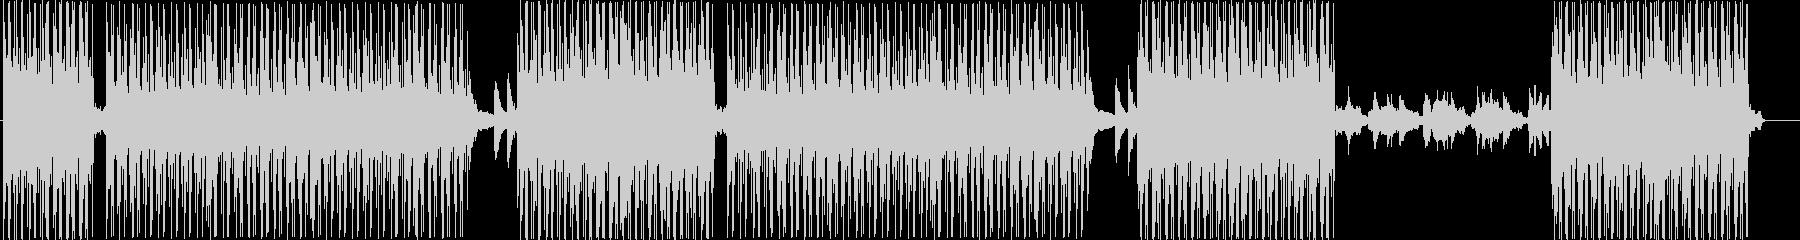 ローファイ、チルアウト、トラップR&B♪の未再生の波形